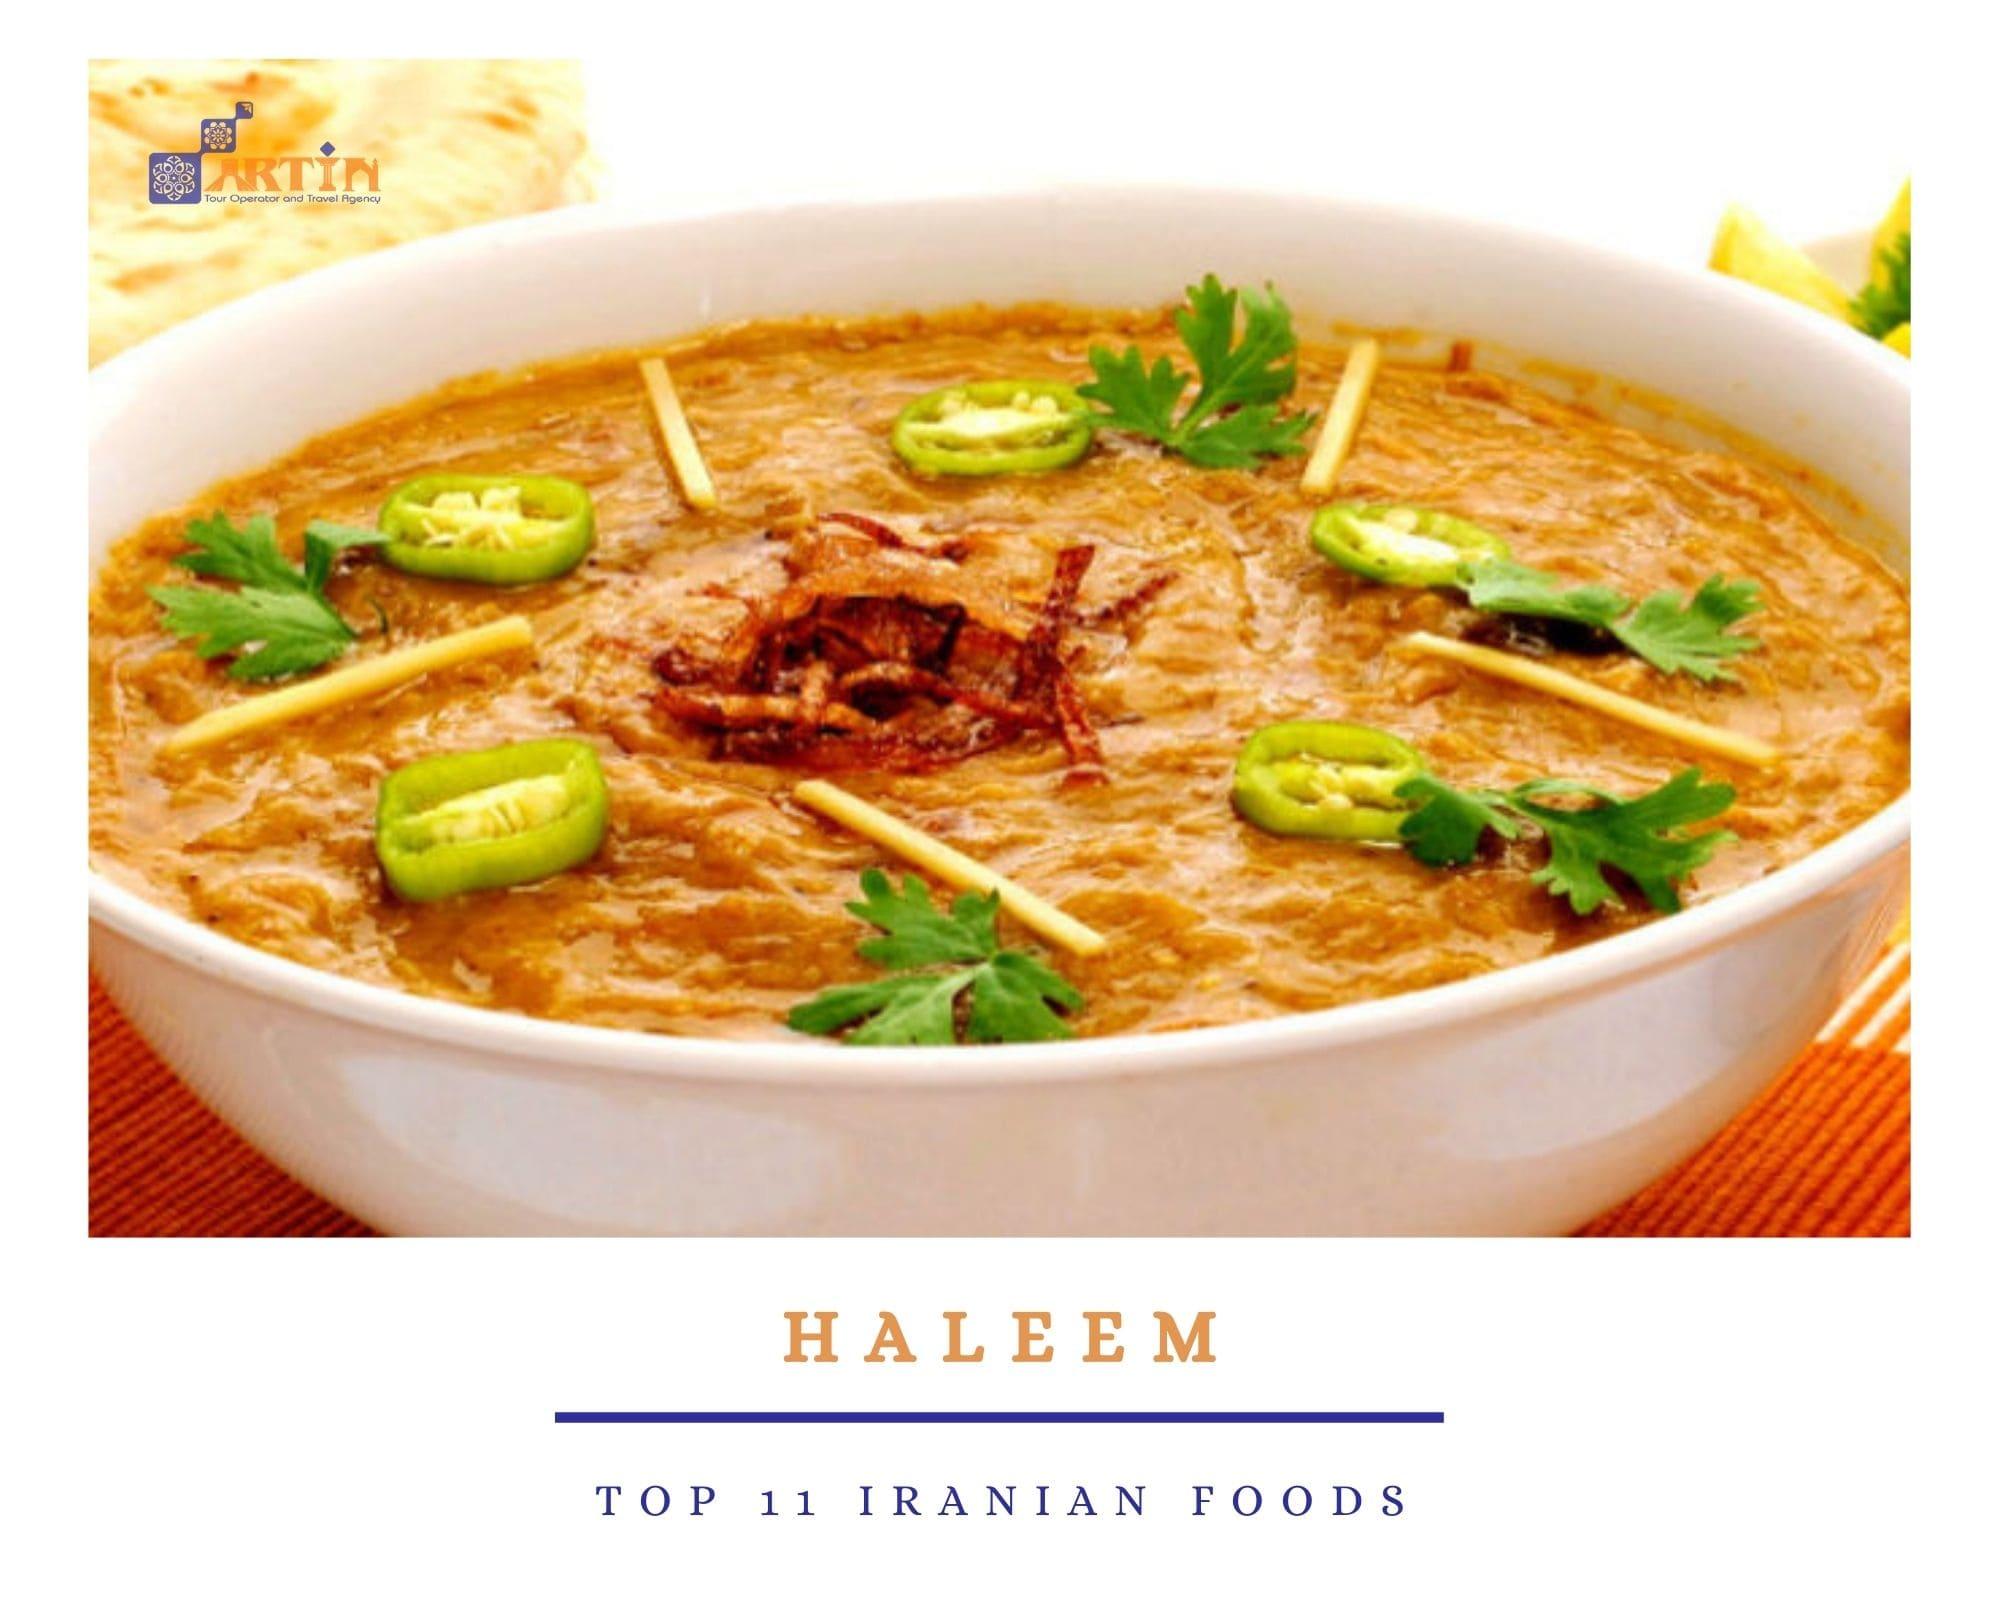 Top-11-Iranian-foods-travelartin